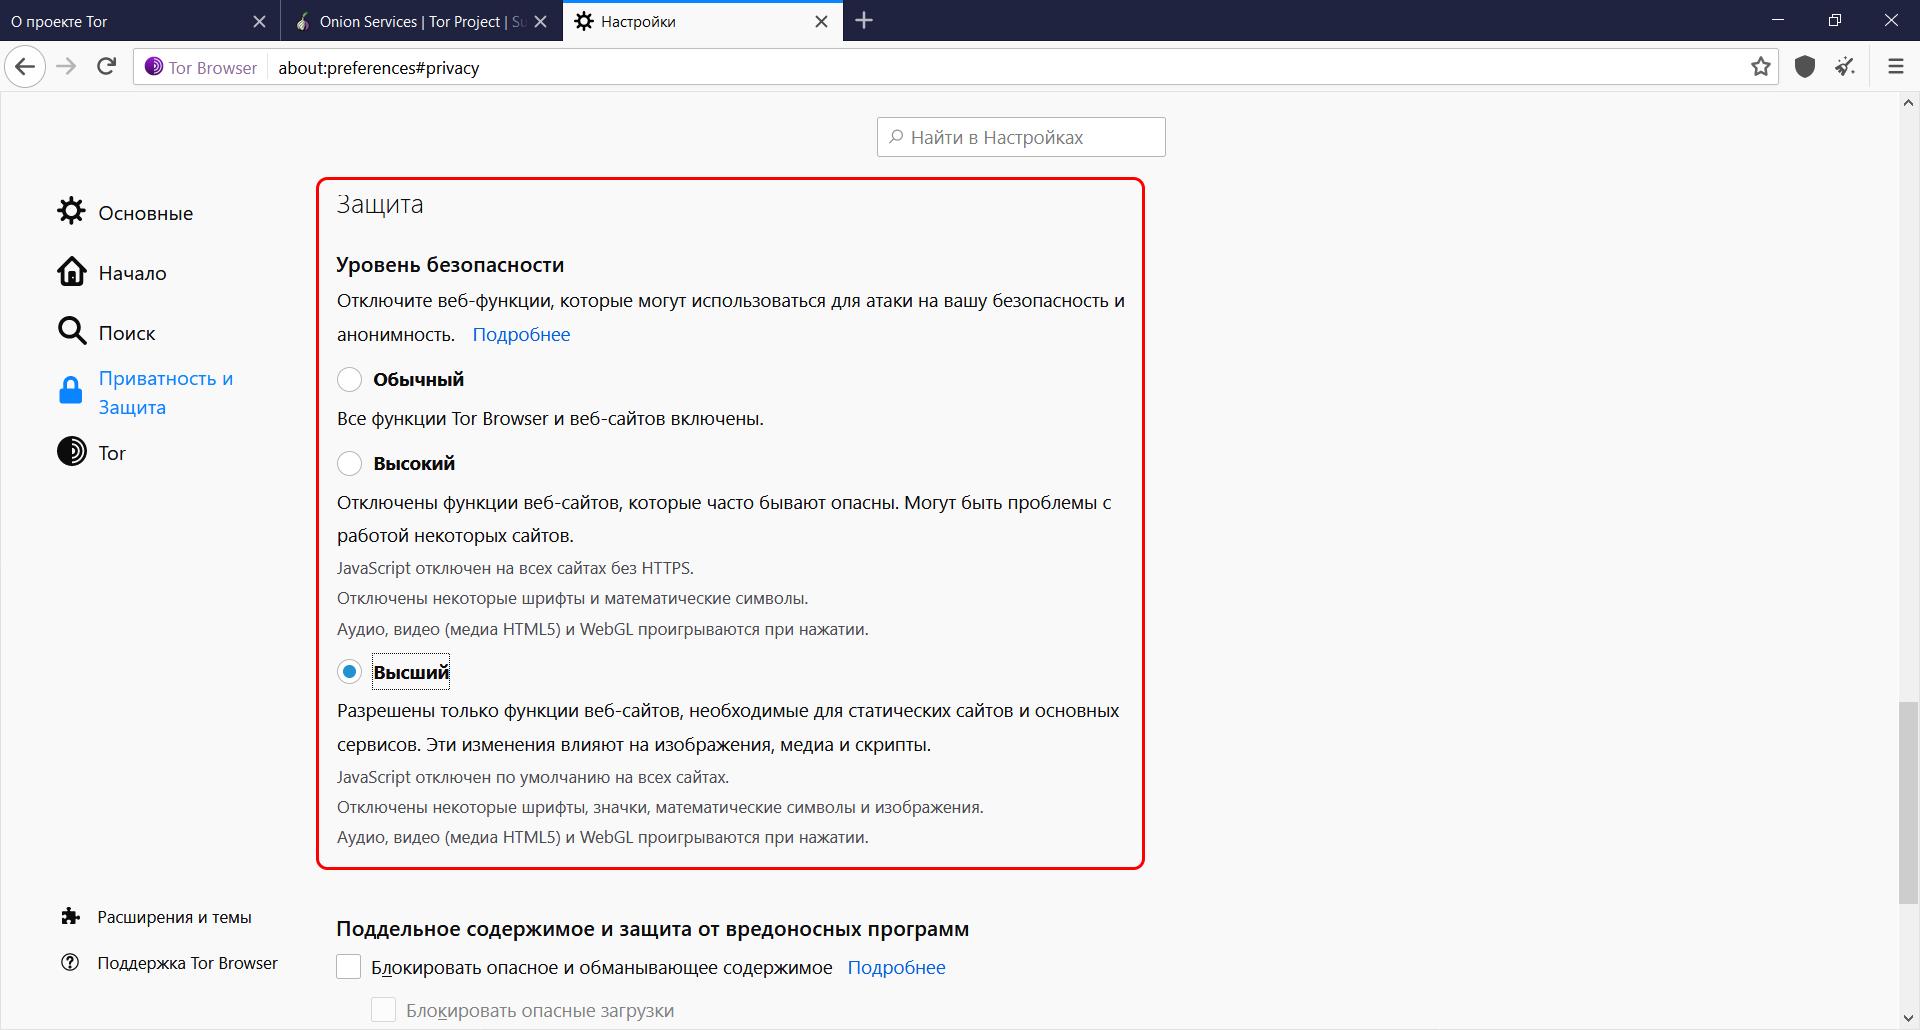 Уровень безопасности в браузере Tor Browser